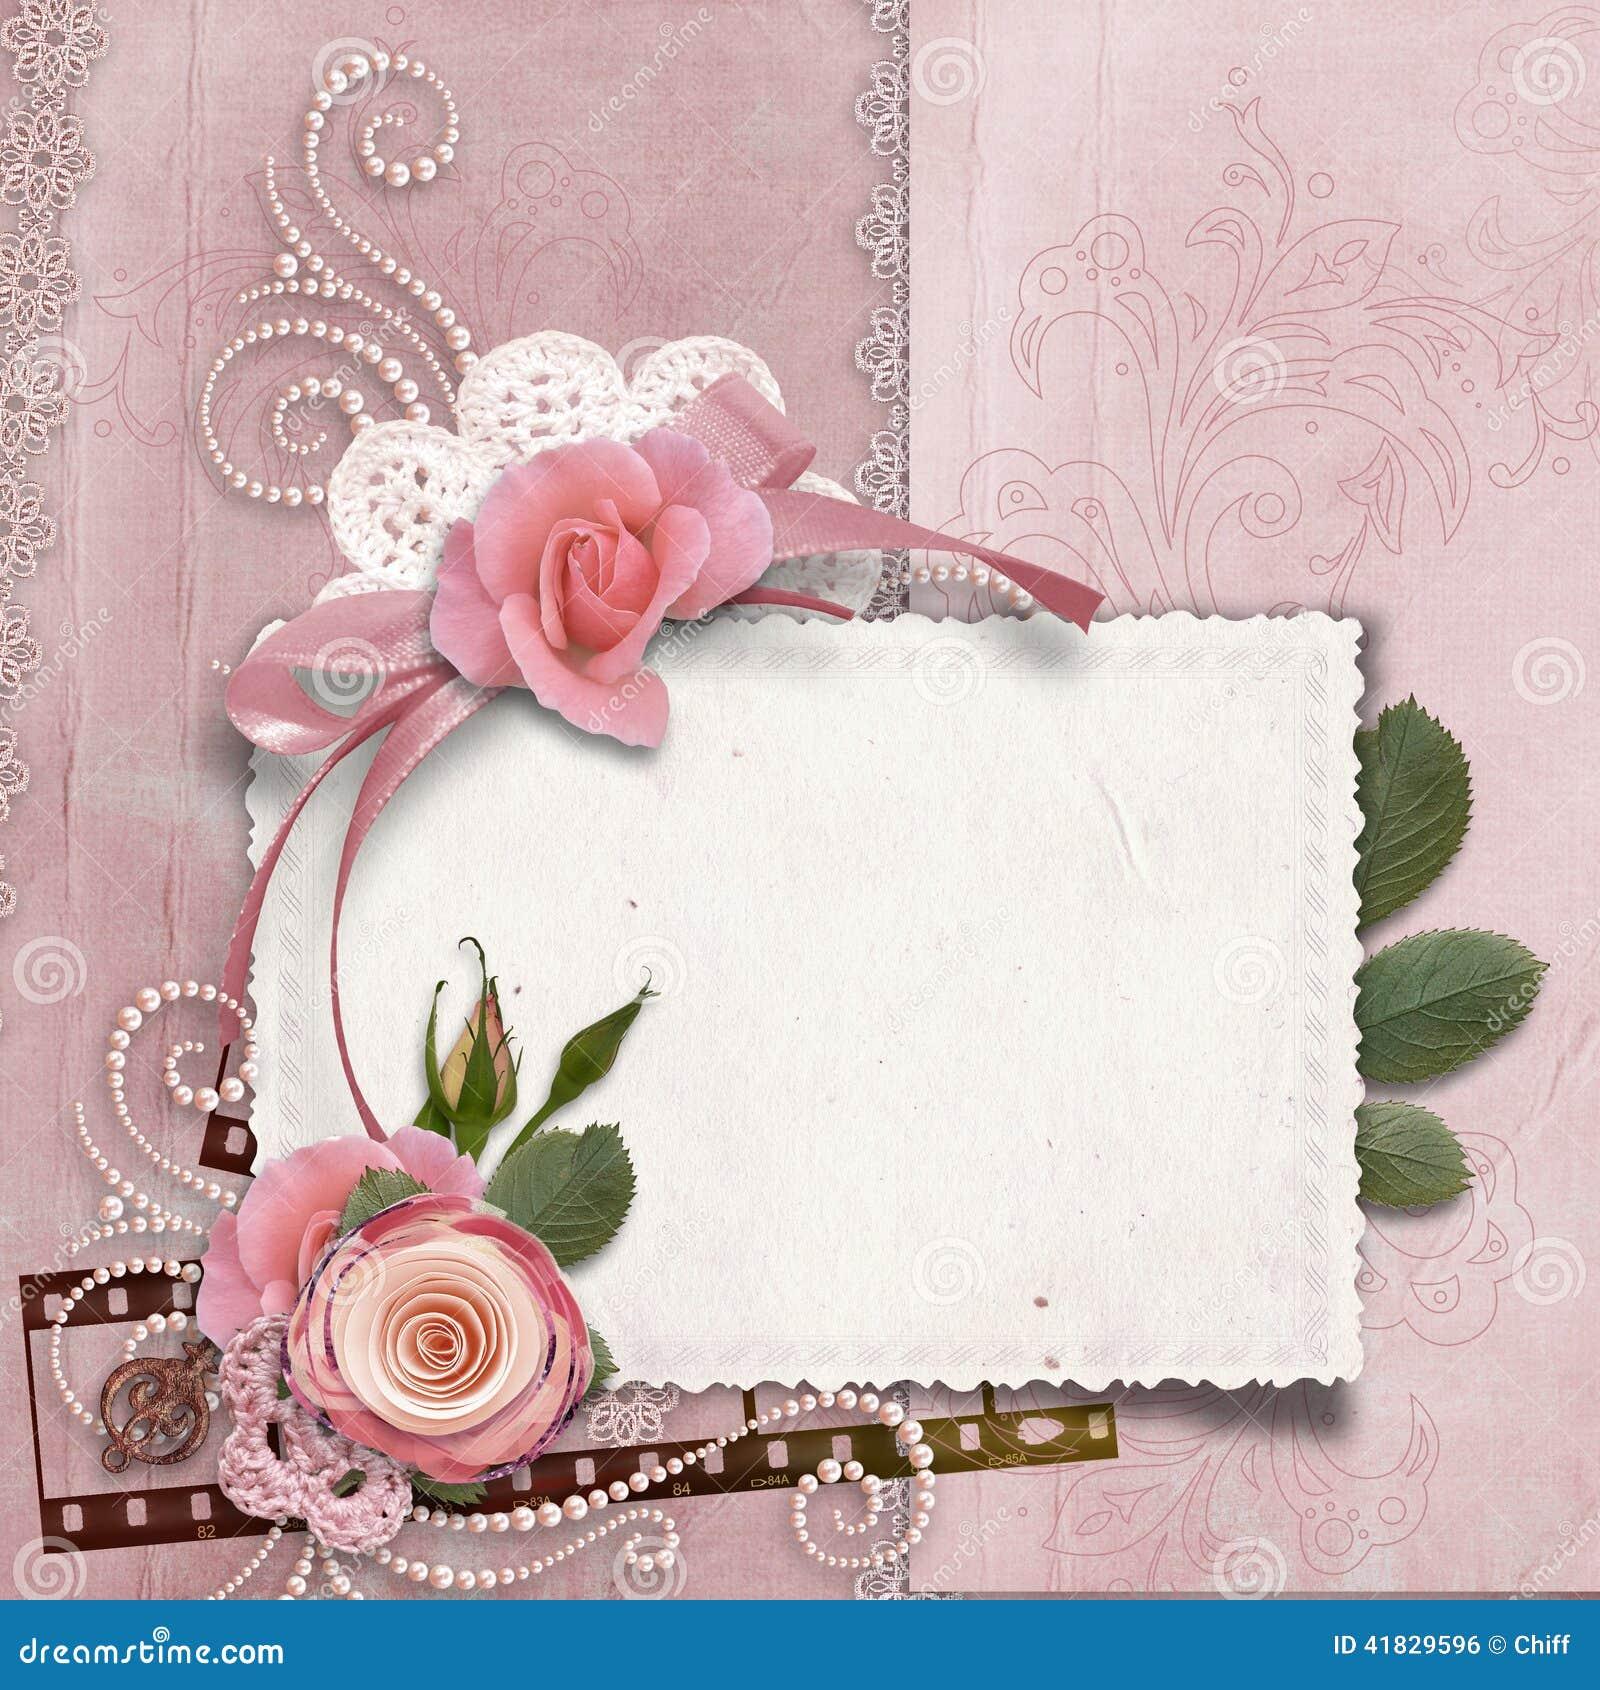 Vintage Letter Template Valentine S on valentine's bunny, valentine's bookmarks, valentine's home, valentine's photography ideas, valentine's kd 7, valentine's day templates, valentine's cartoons, valentine's love letters, valentine paper template, valentine's themes, valentine's certificate templates, valentine's for parents, valentine's couple, valentine's day alphabet letters, valentine's mad libs, valentine's presents, valentine's eraser, valentine's muscles, valentine's blessing, valentine's cocktails,